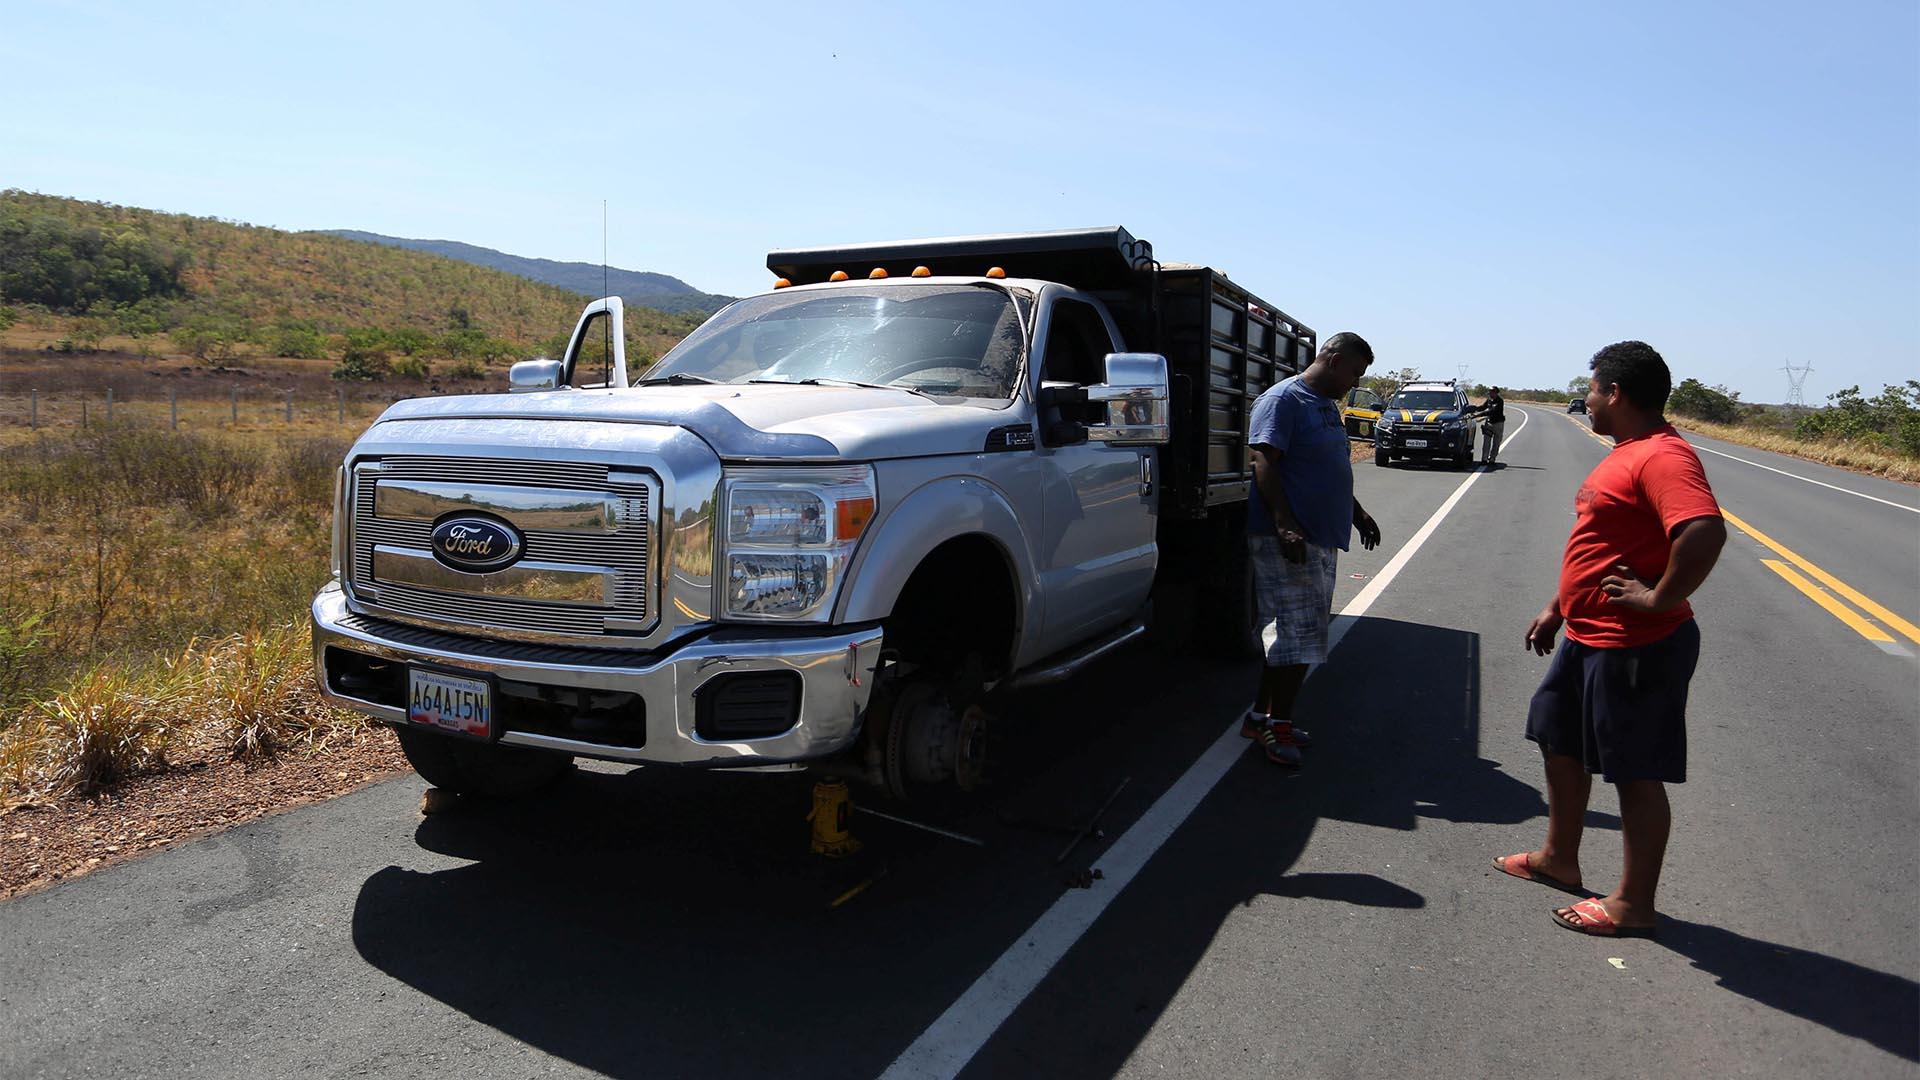 Un camión con ayuda humanitaria a Venezuela se ve descompuesto en el camino a la frontera Brasil-Venezuela en Pacaraima, estado de Roraima (Reuters)